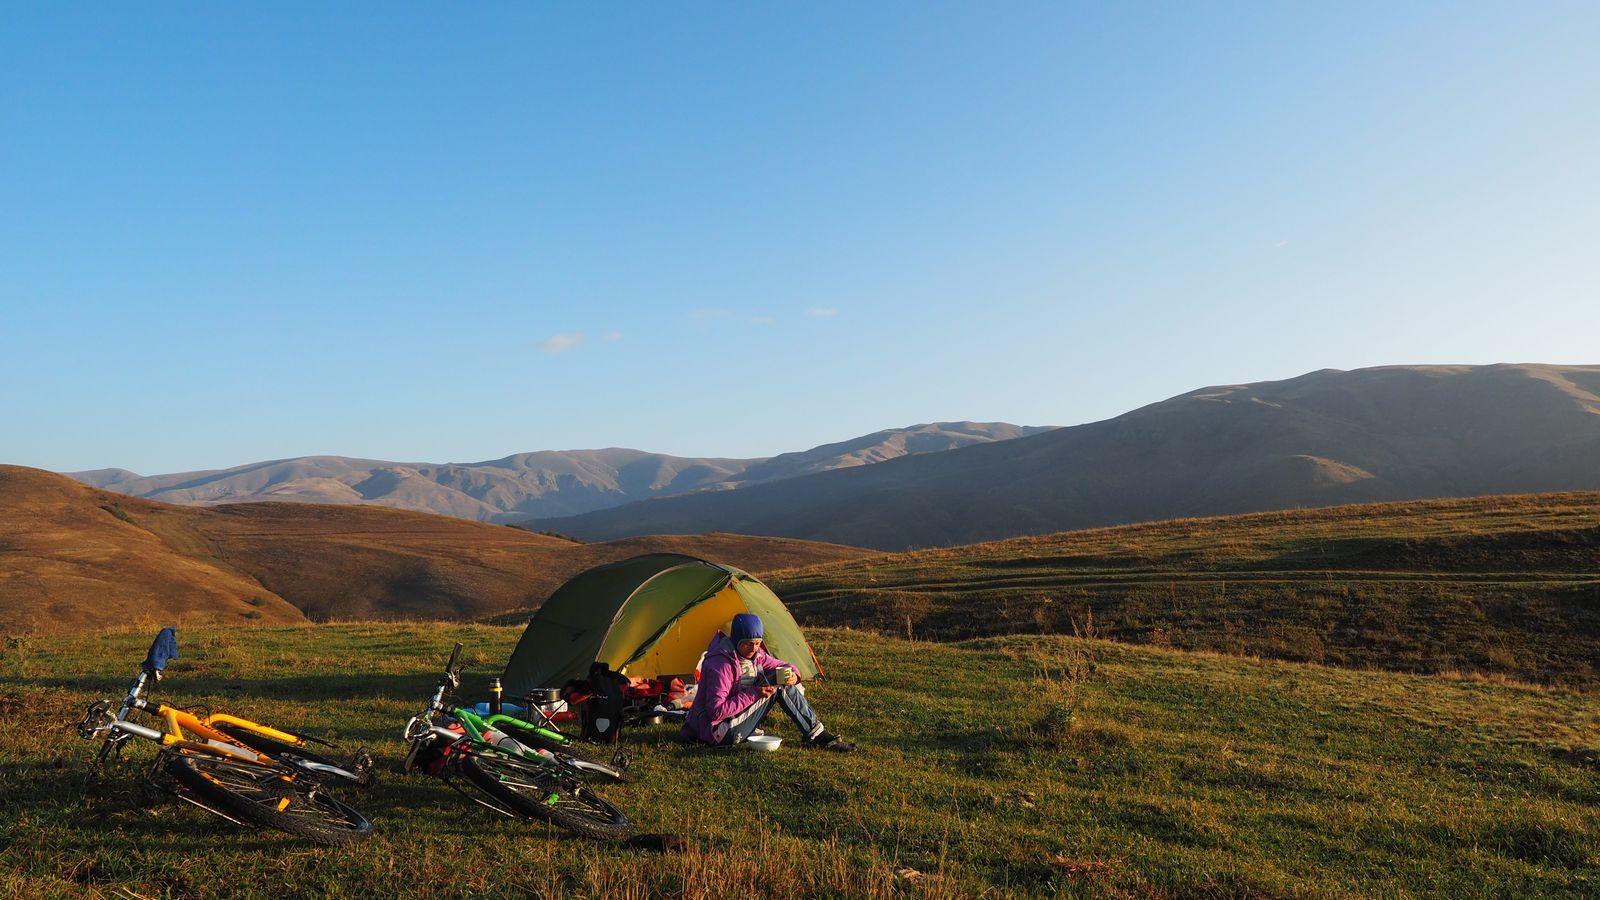 Radreise Armenien - zwischen Bazum- und Pambak-Gebirge